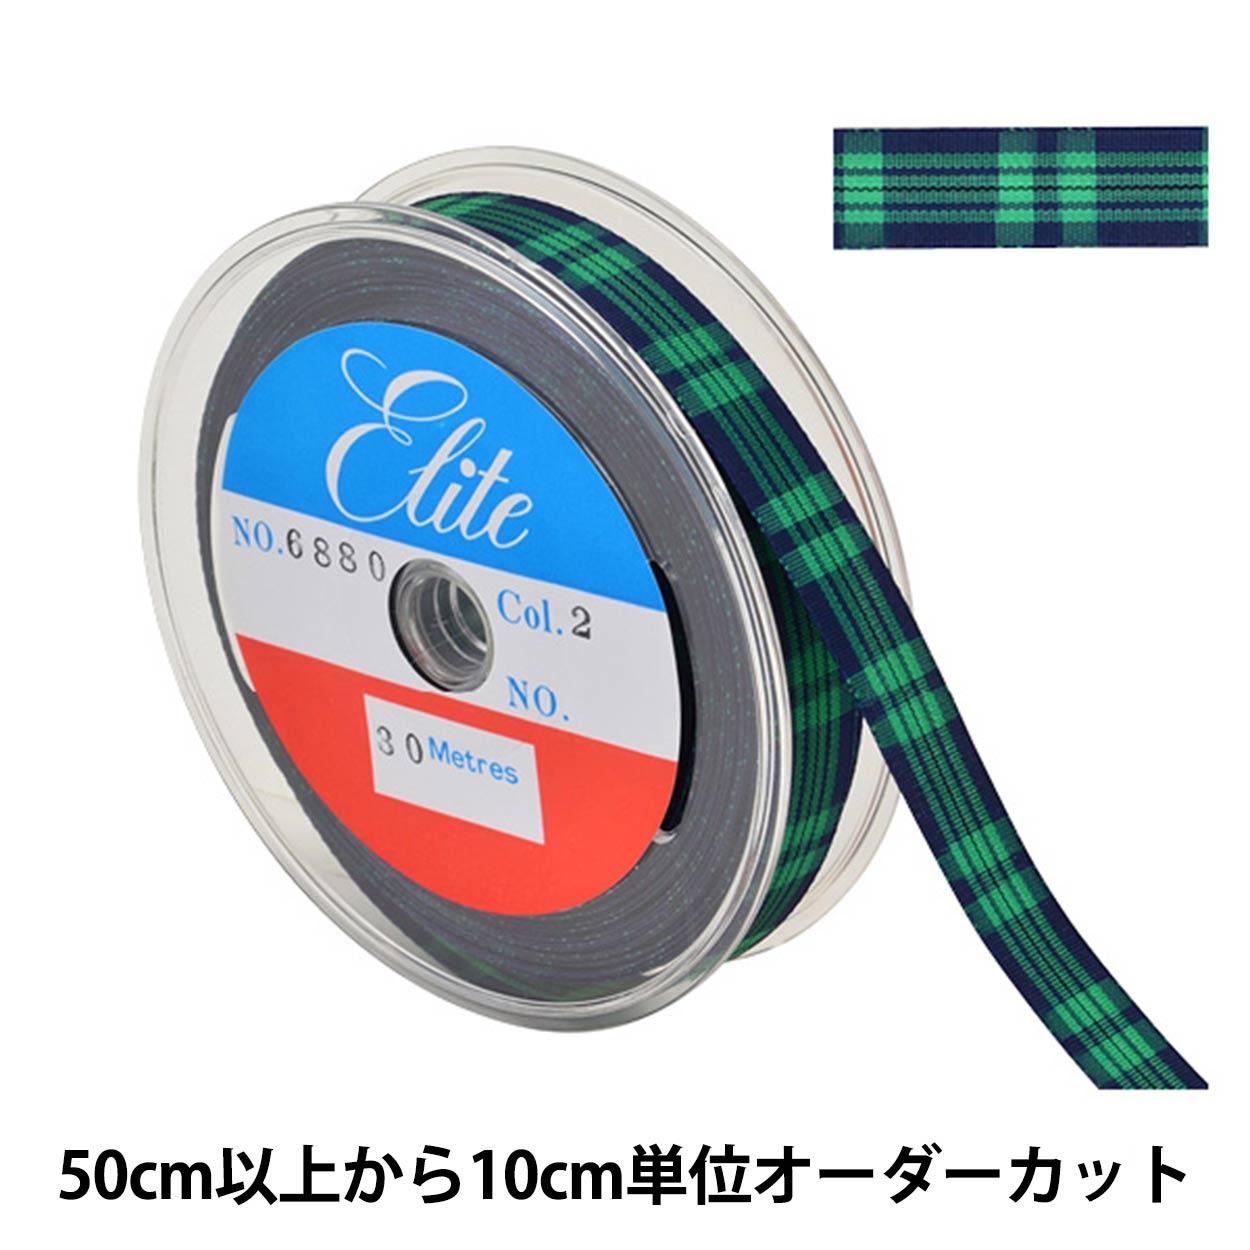 タータンチェック柄で、服飾やアクセサリーに最適 【数量5から】 リボン 『チェックリボン 6880 2番色』